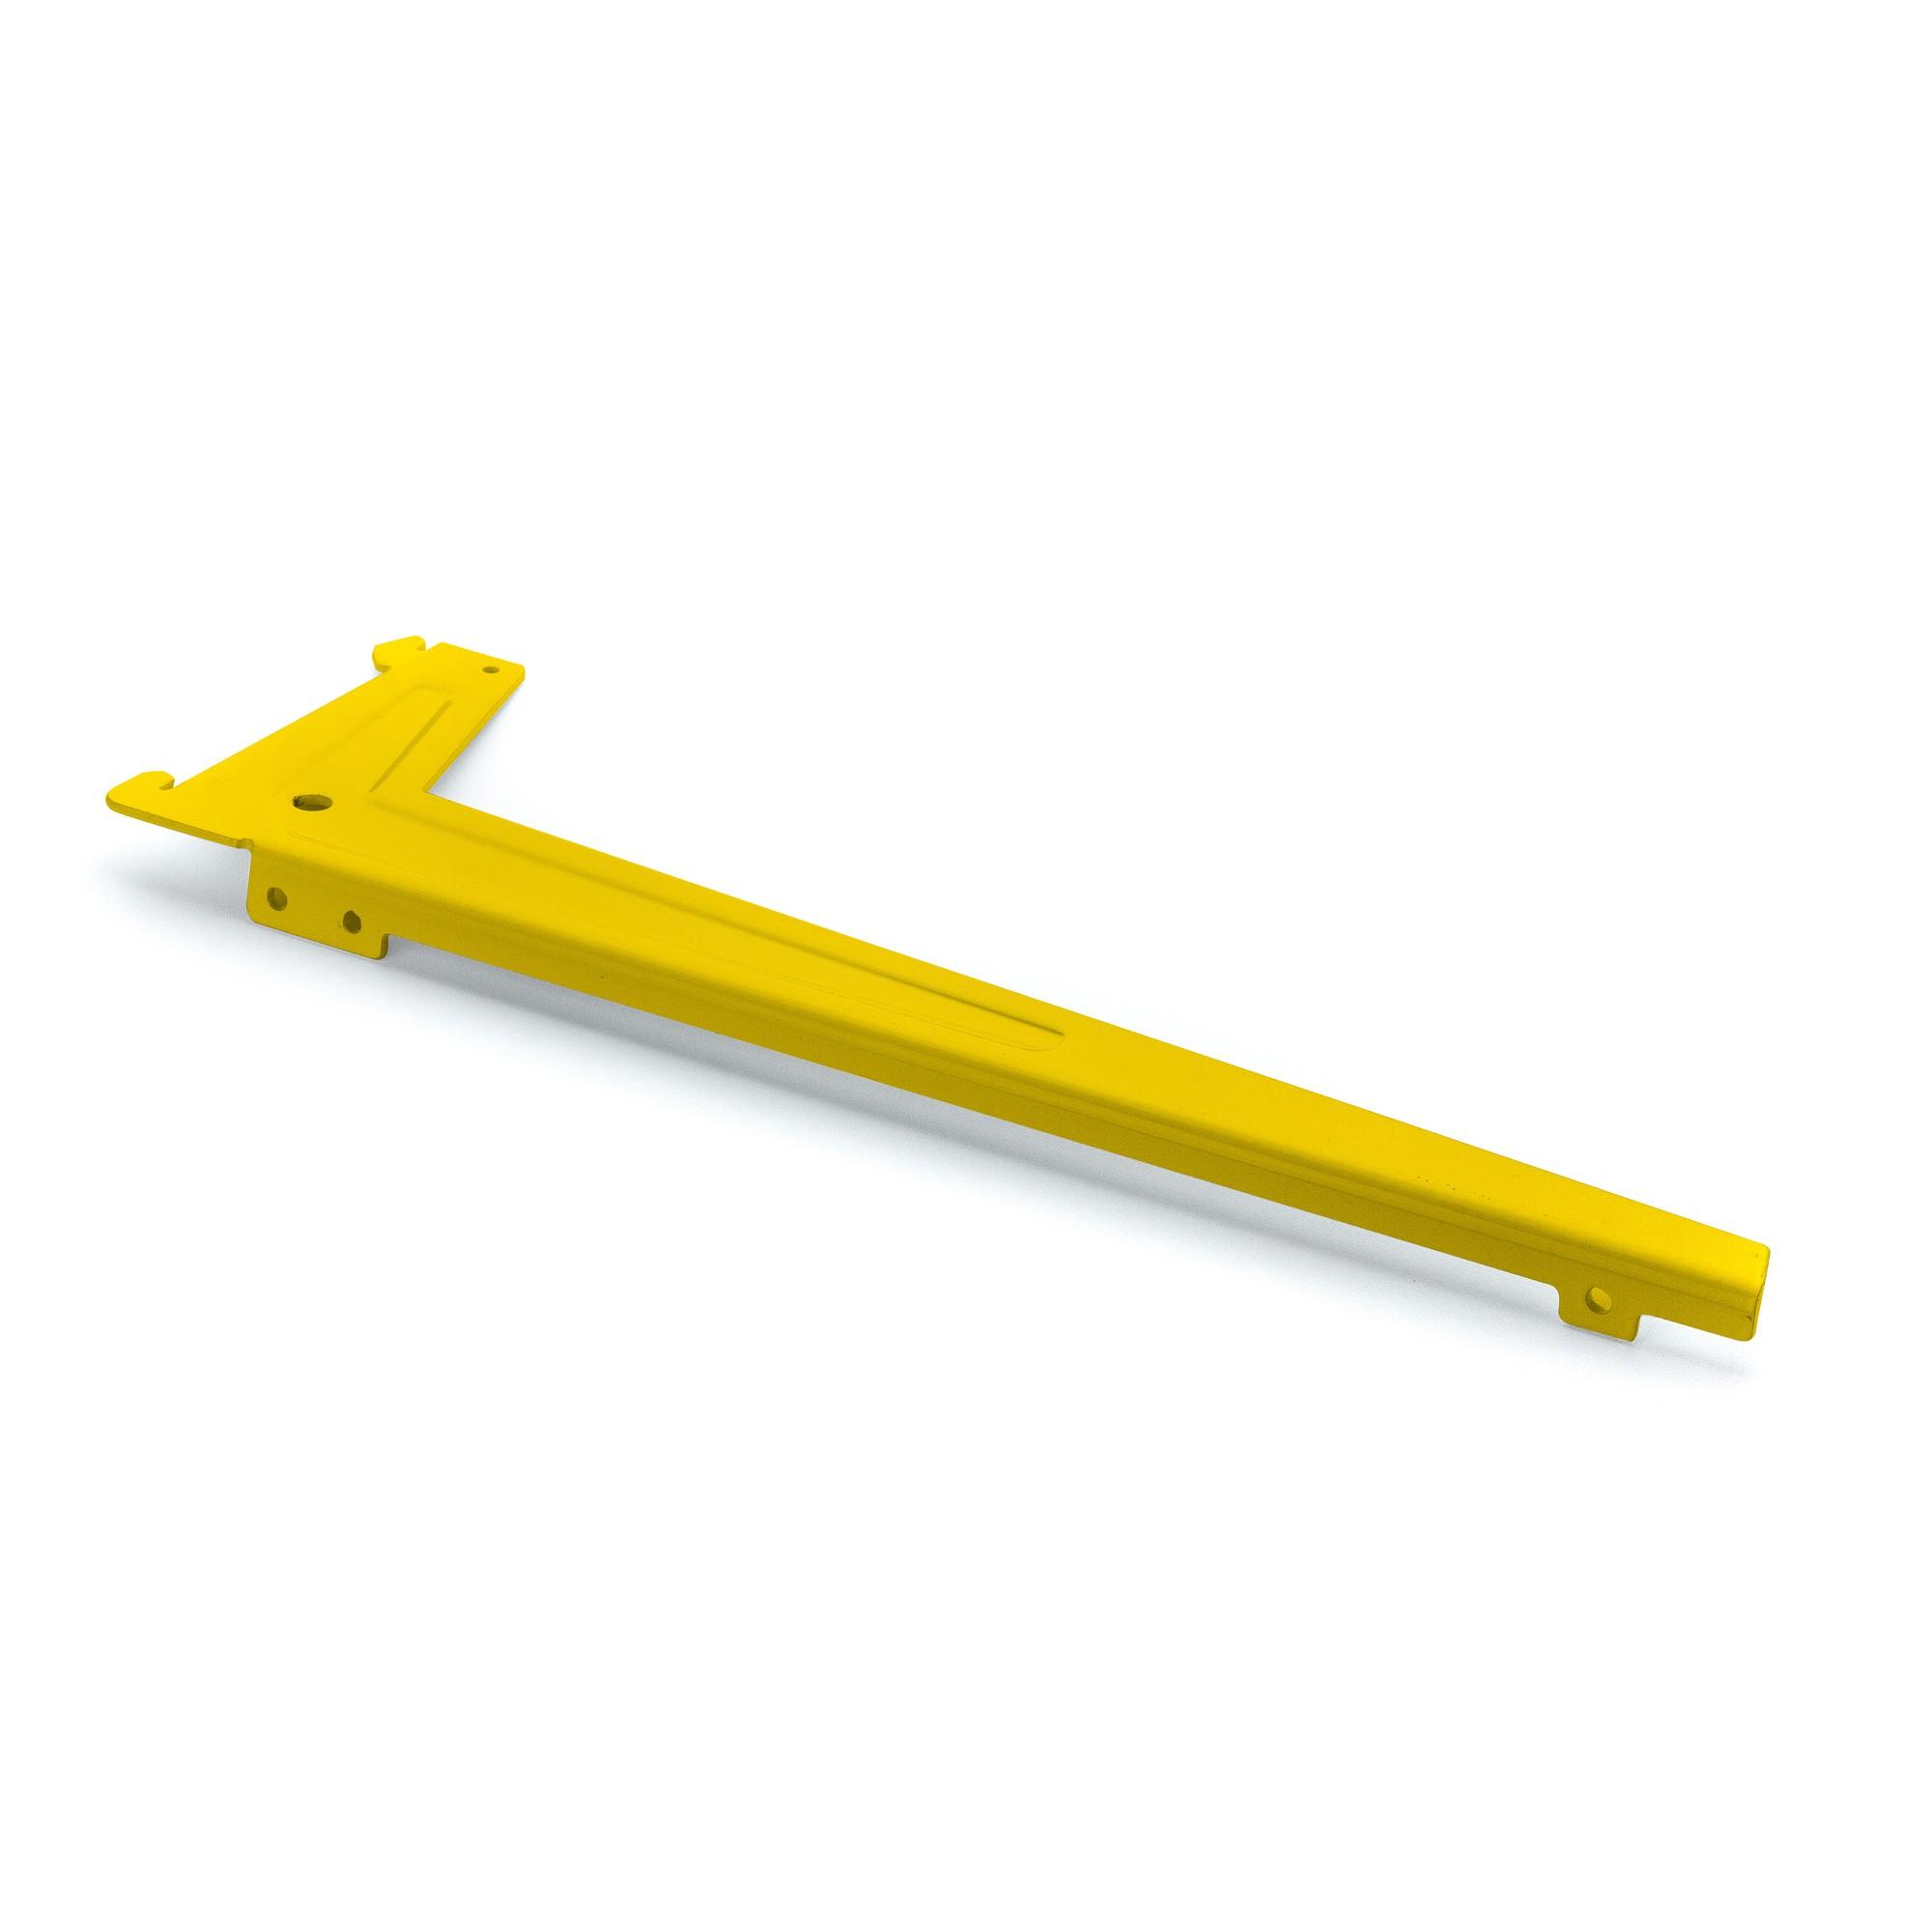 Suporte para Trilho Aco 291cm Encaixe Simples Aba Direita Amarelo - Fico